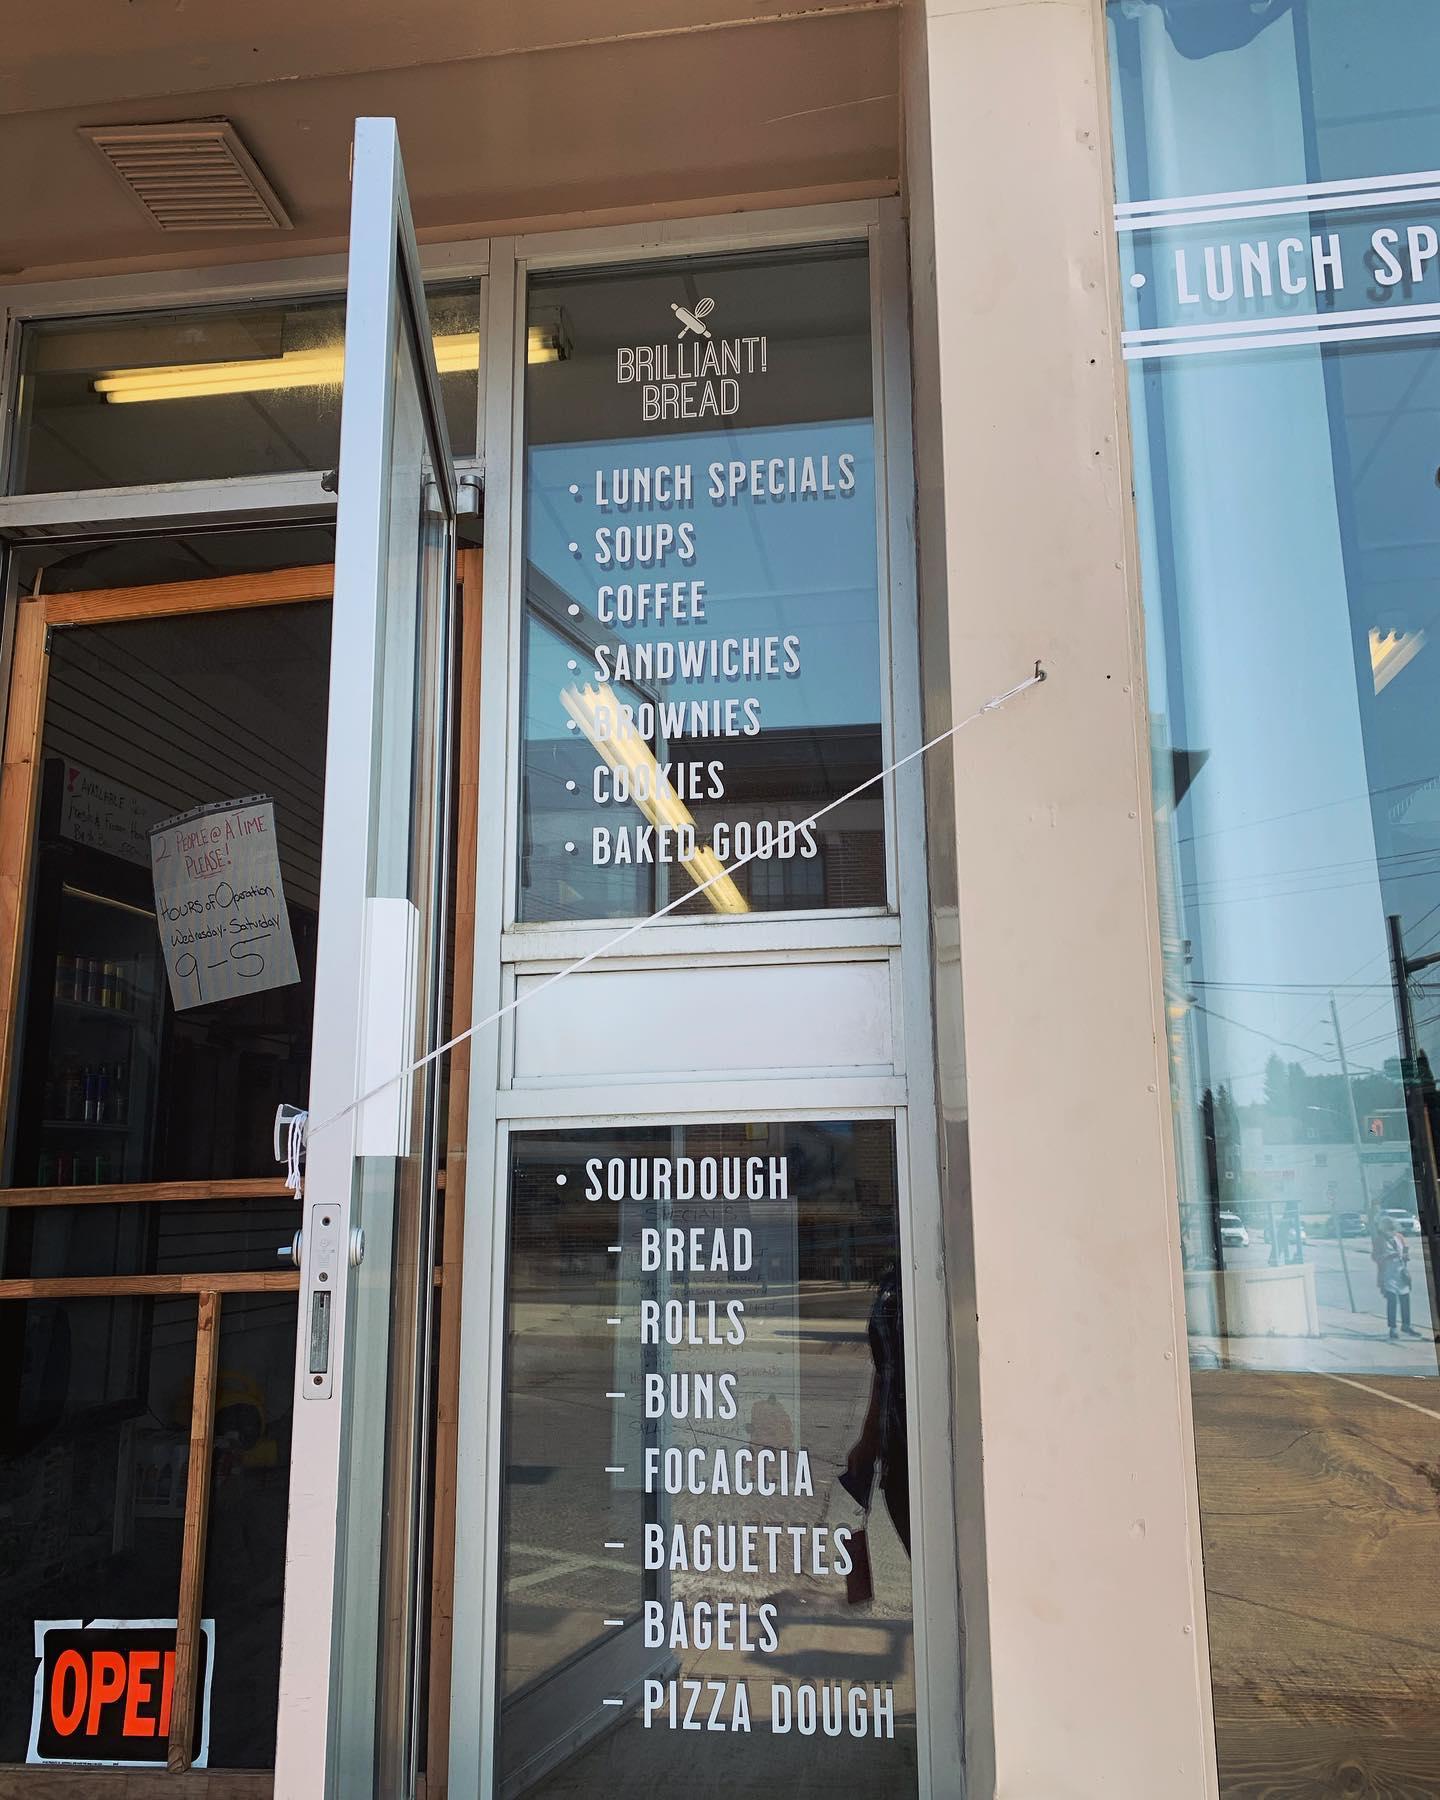 Storefront Windows for Brilliant Bread